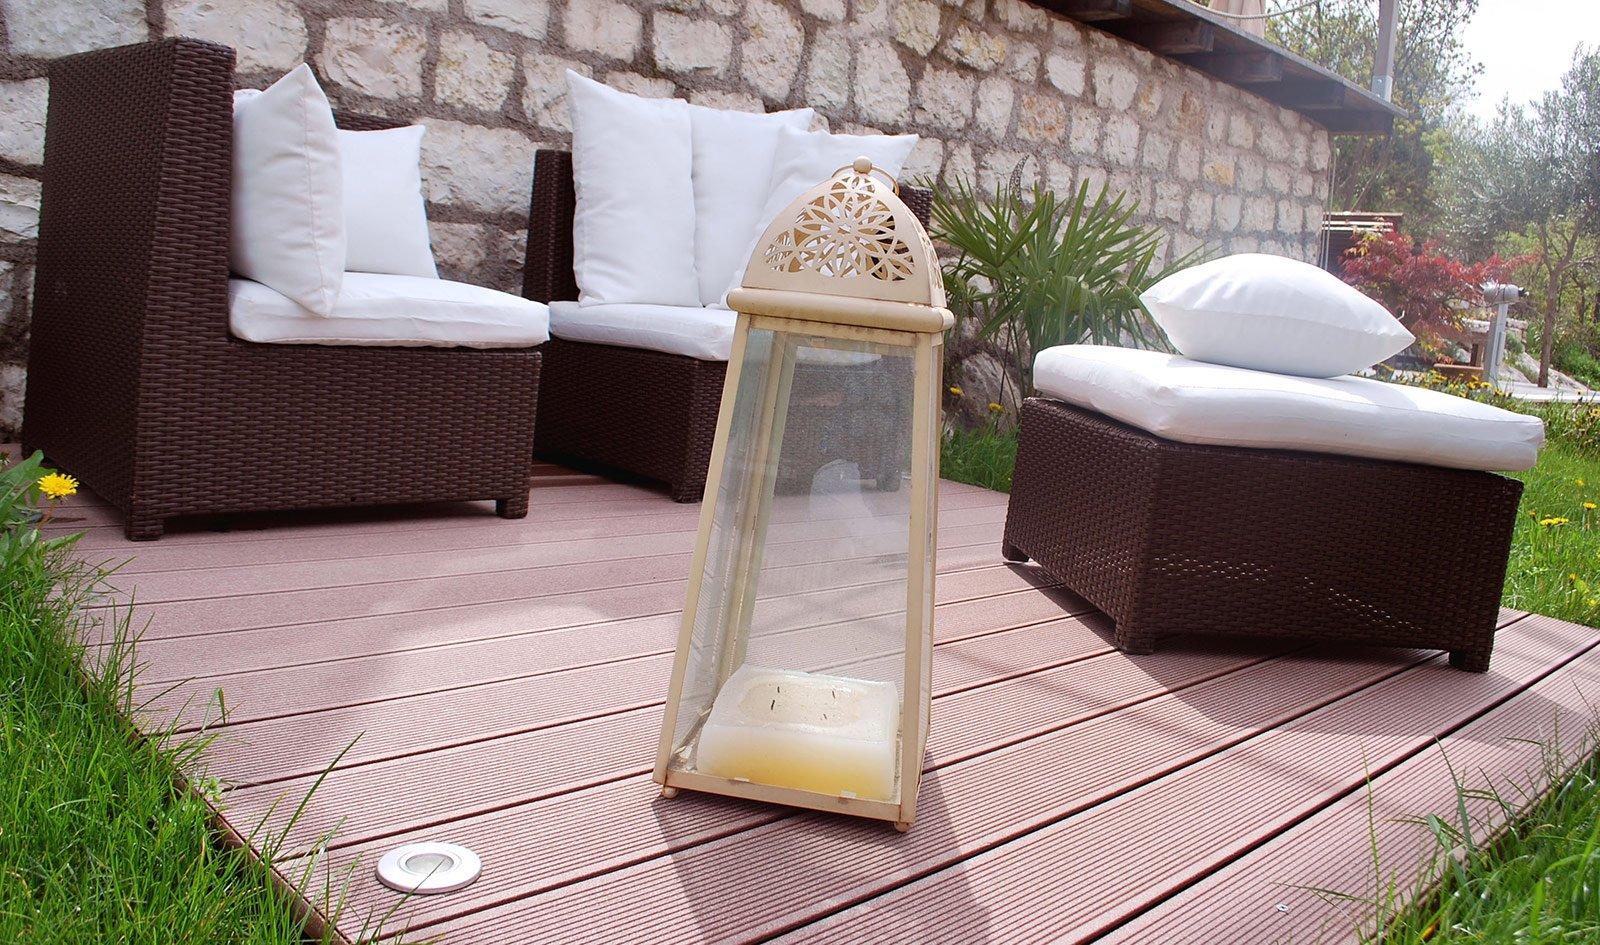 Pedana Di Legno Per Giardino il pavimento fuori di casa. materiali, tipologie, modelli